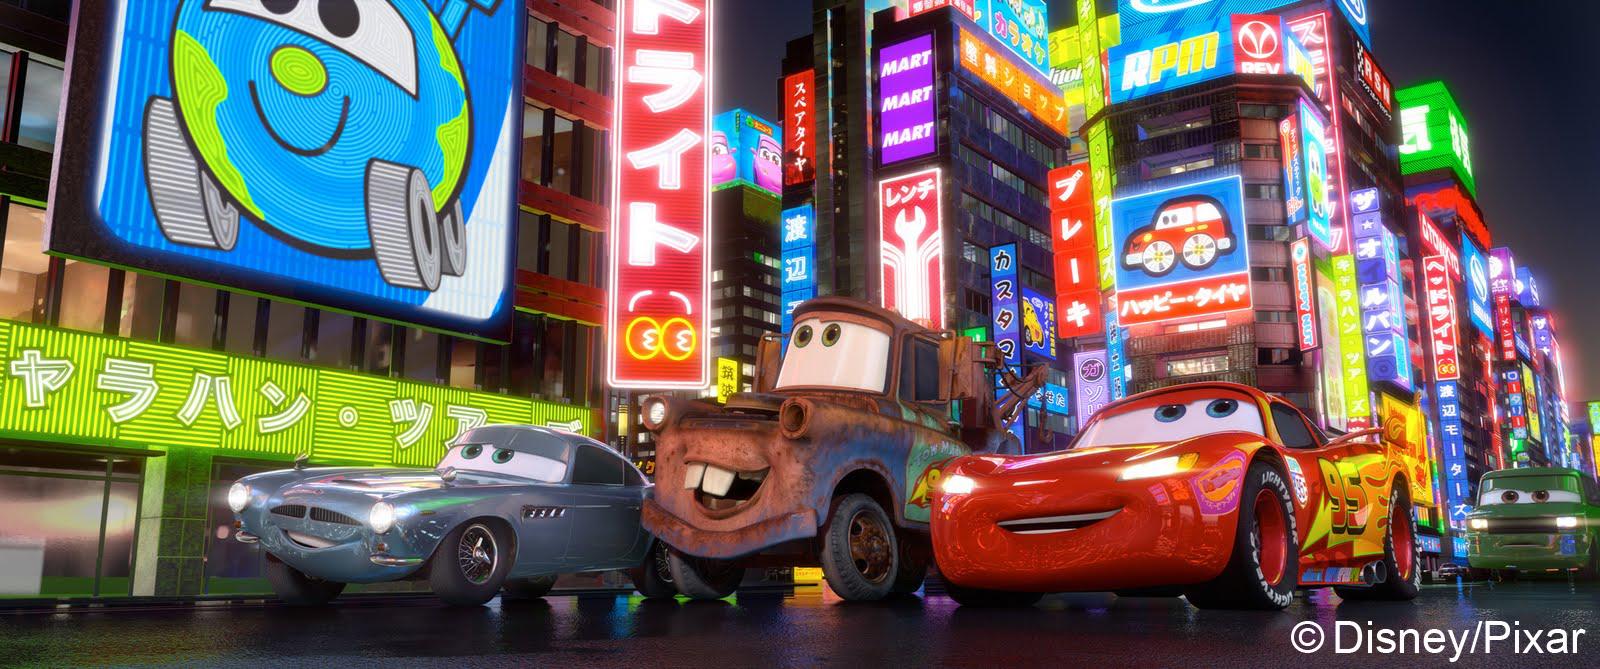 5-Cars-2-Lighting101.jpg